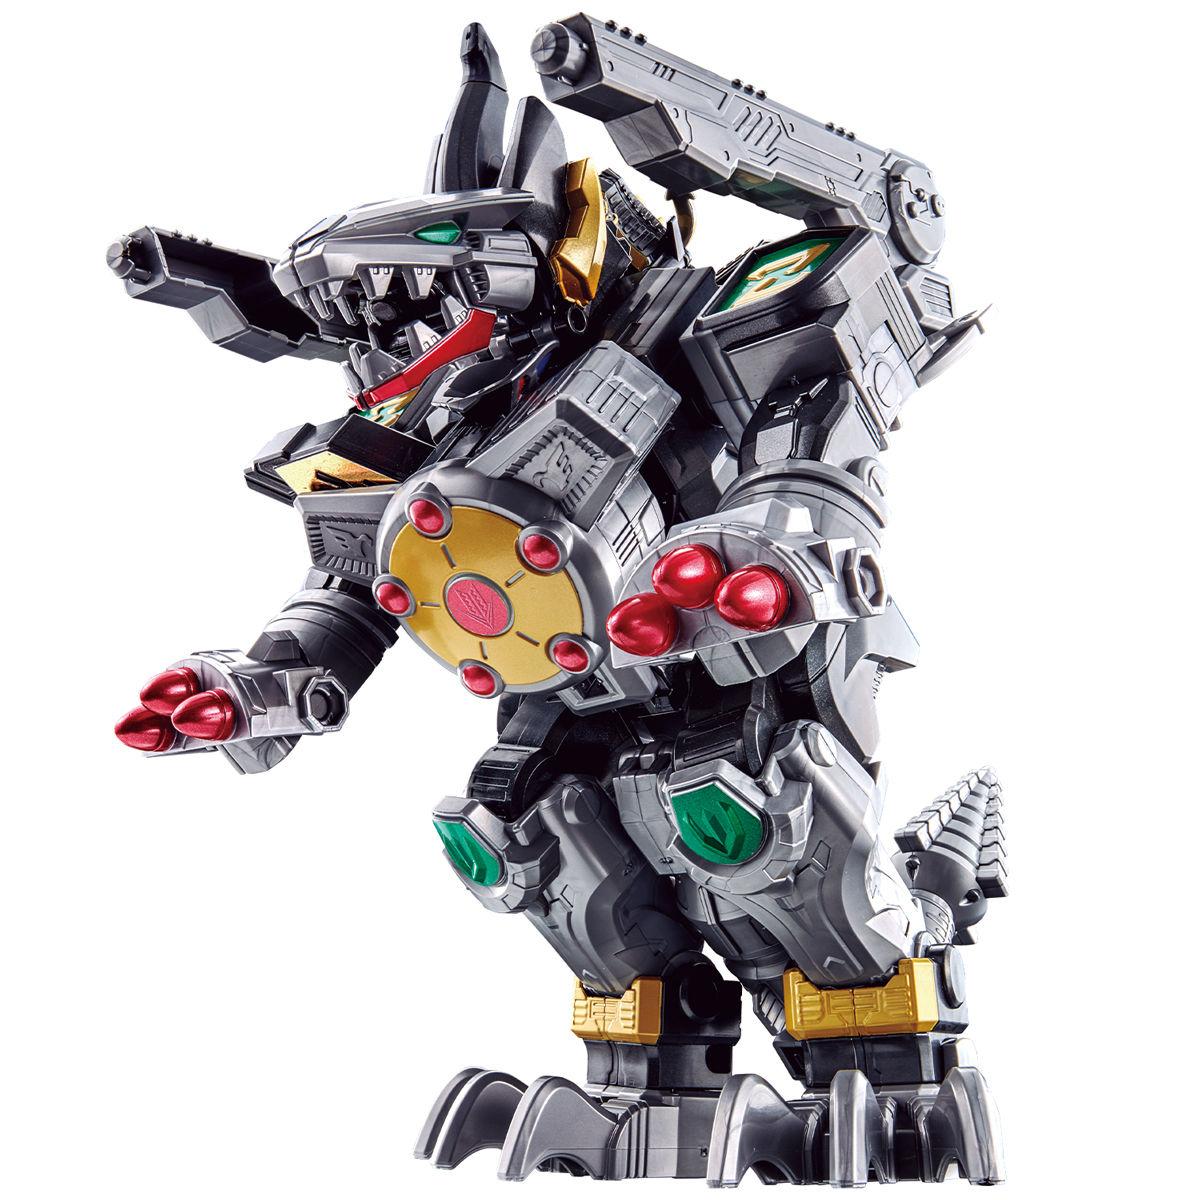 機界戦隊ゼンカイジャー『超全界合体獣 DXゼンカイジュウオー』可変合体フィギュア-001